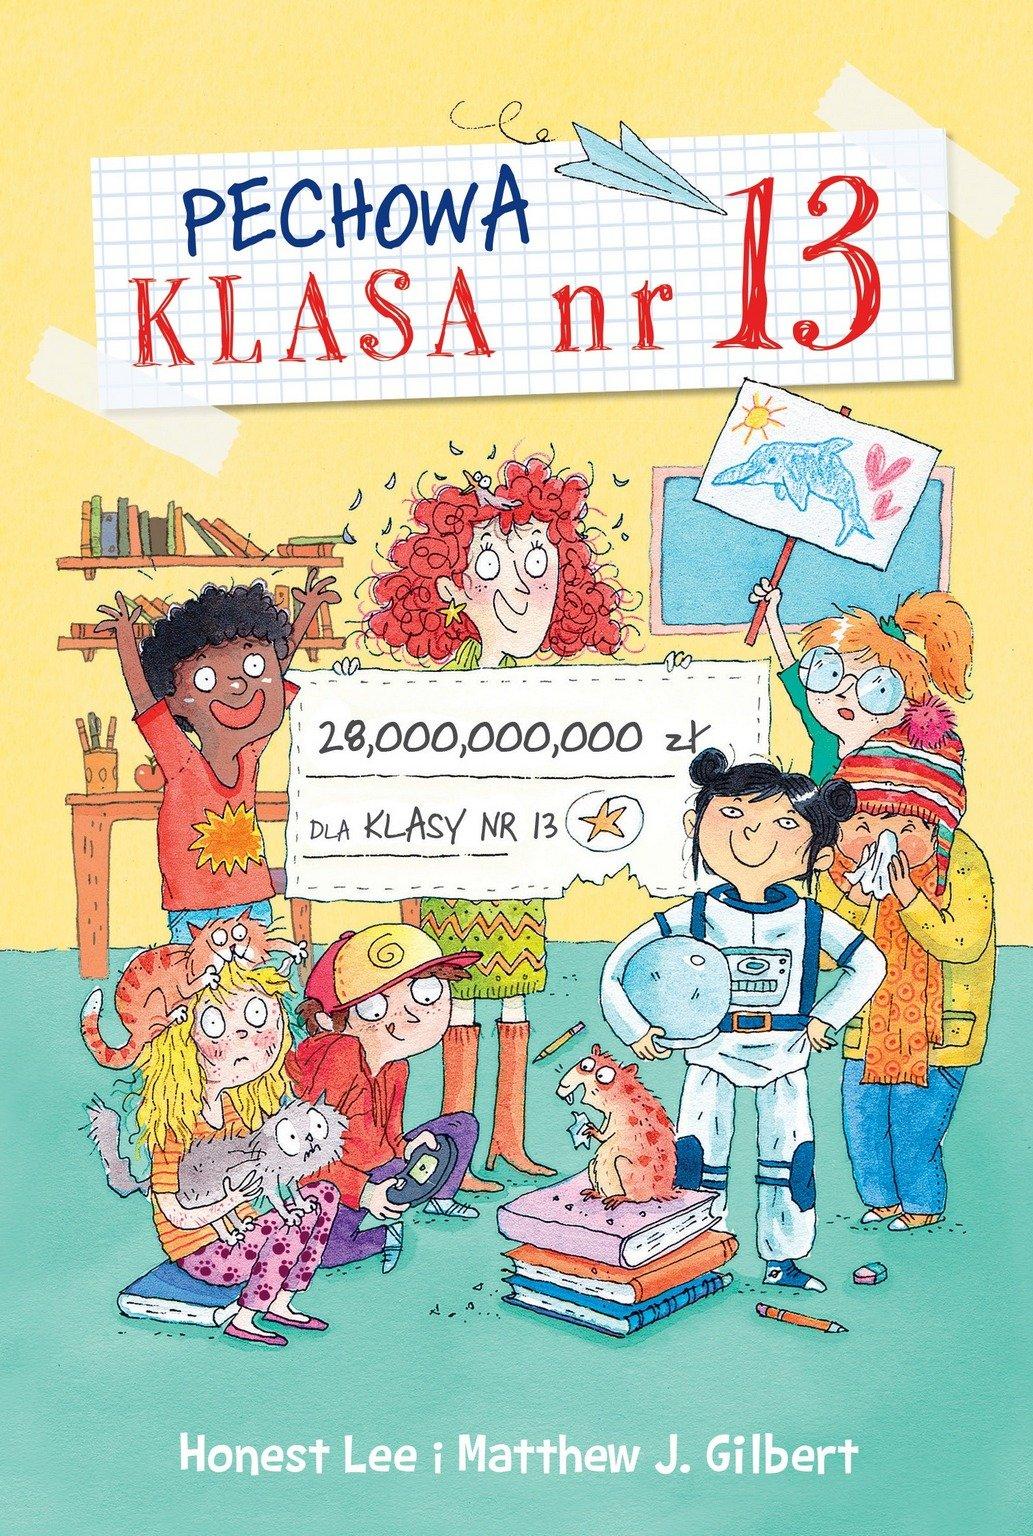 Pechowa klasa nr 13 książka dla dzieci